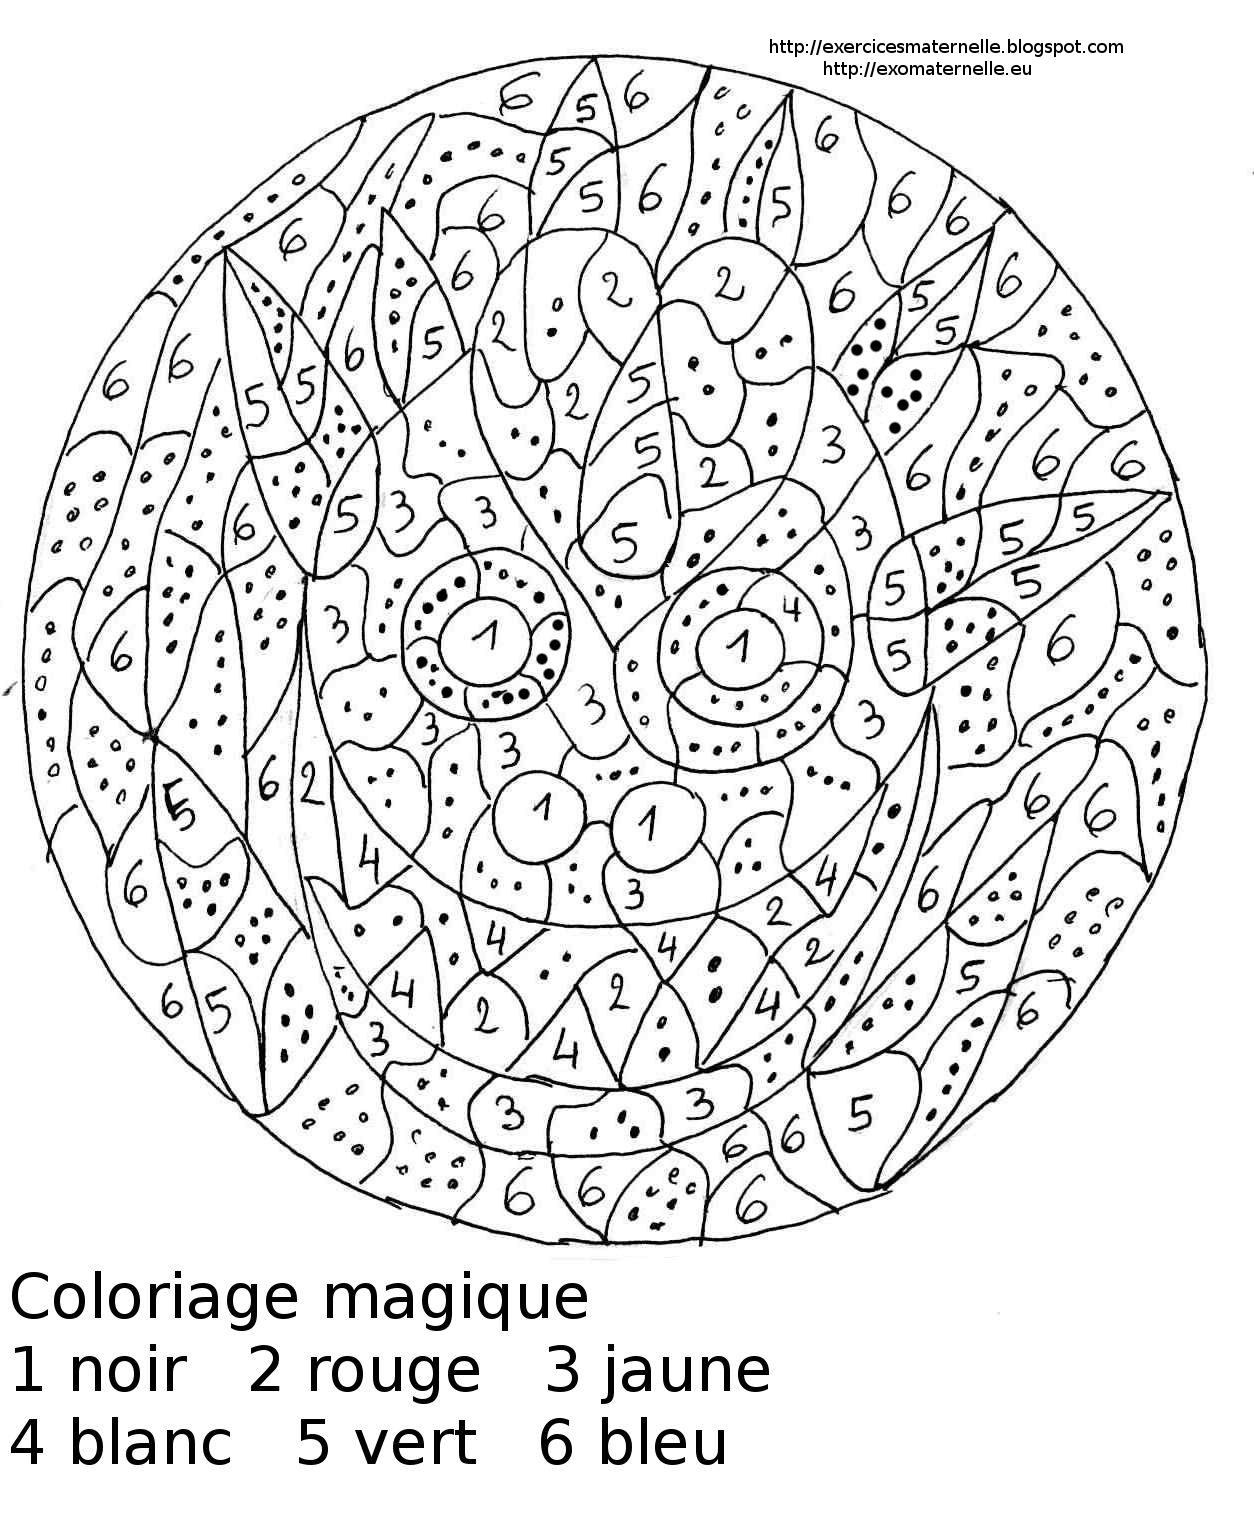 Maternelle coloriage magique maternelle un masque - Coloriage magique loup ...